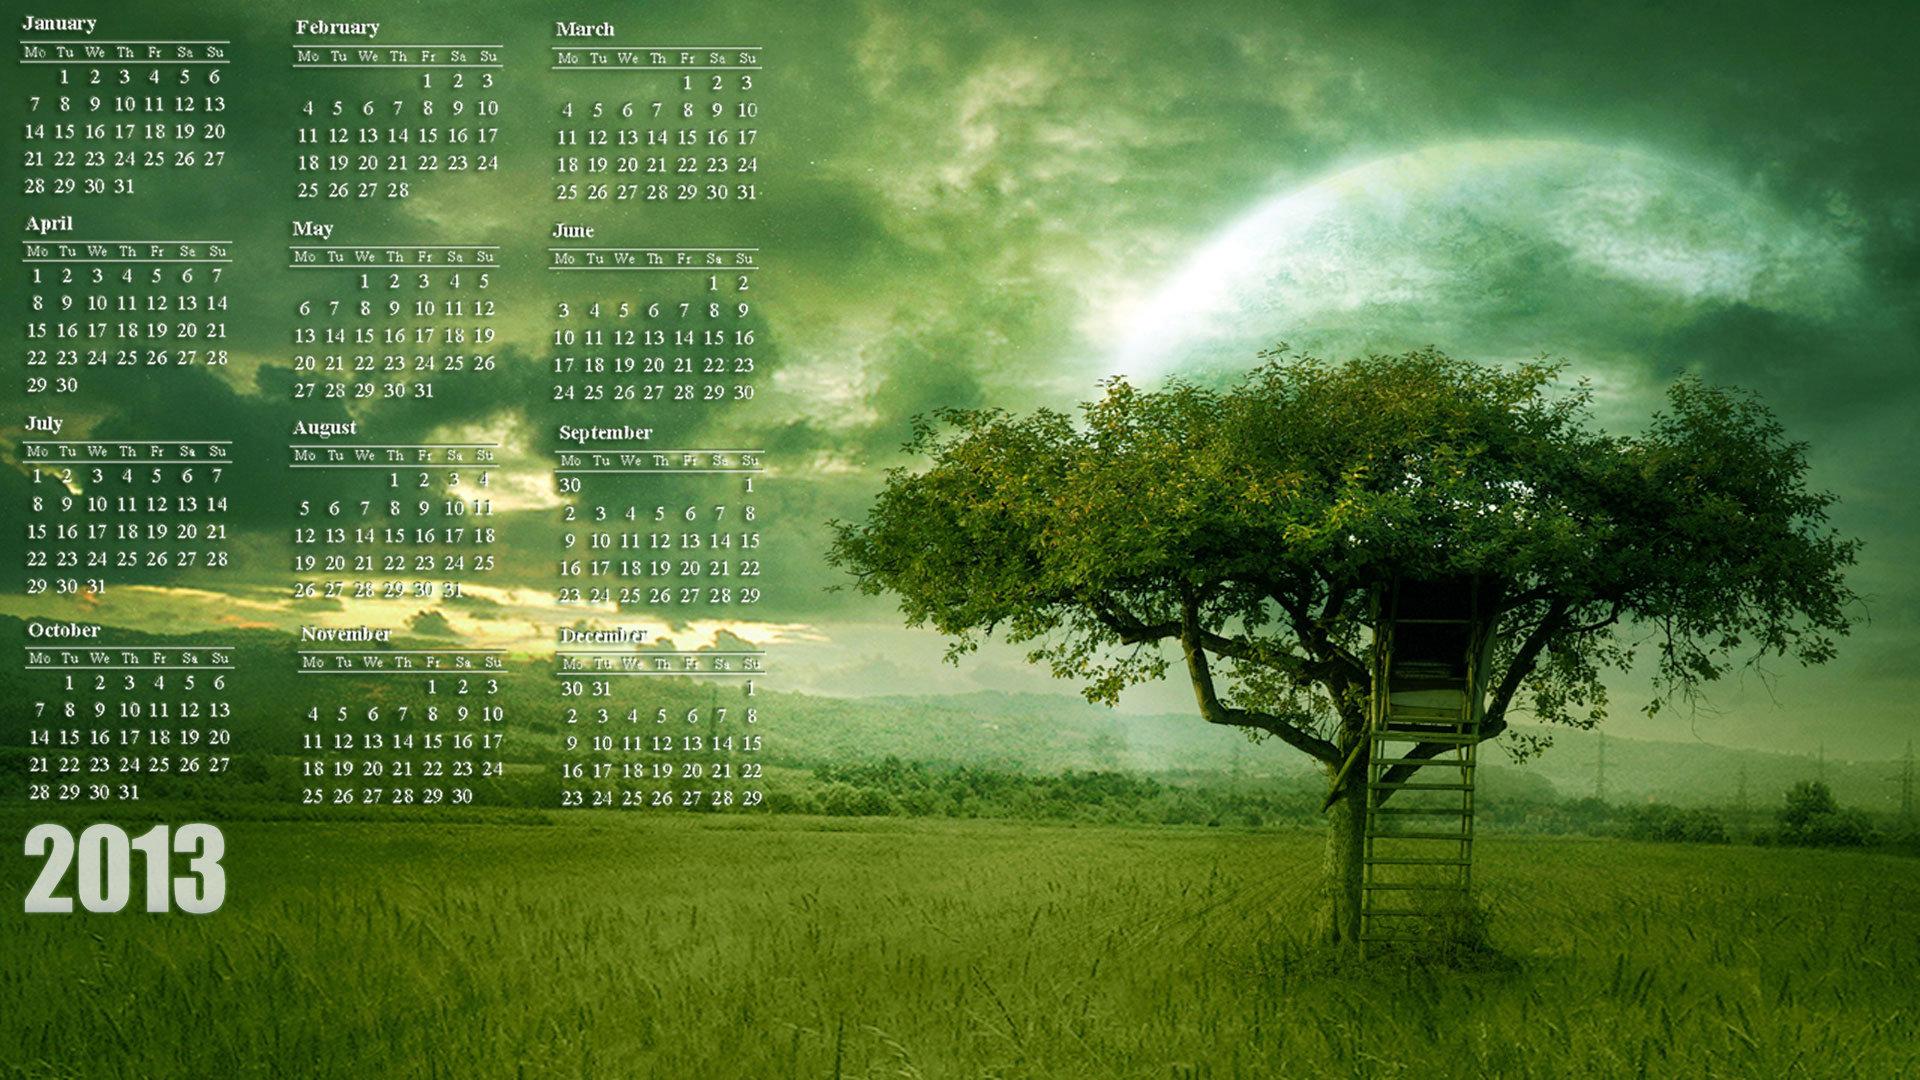 2013 Calendar Desktop Background Wallpaper 19201080 1920x1080